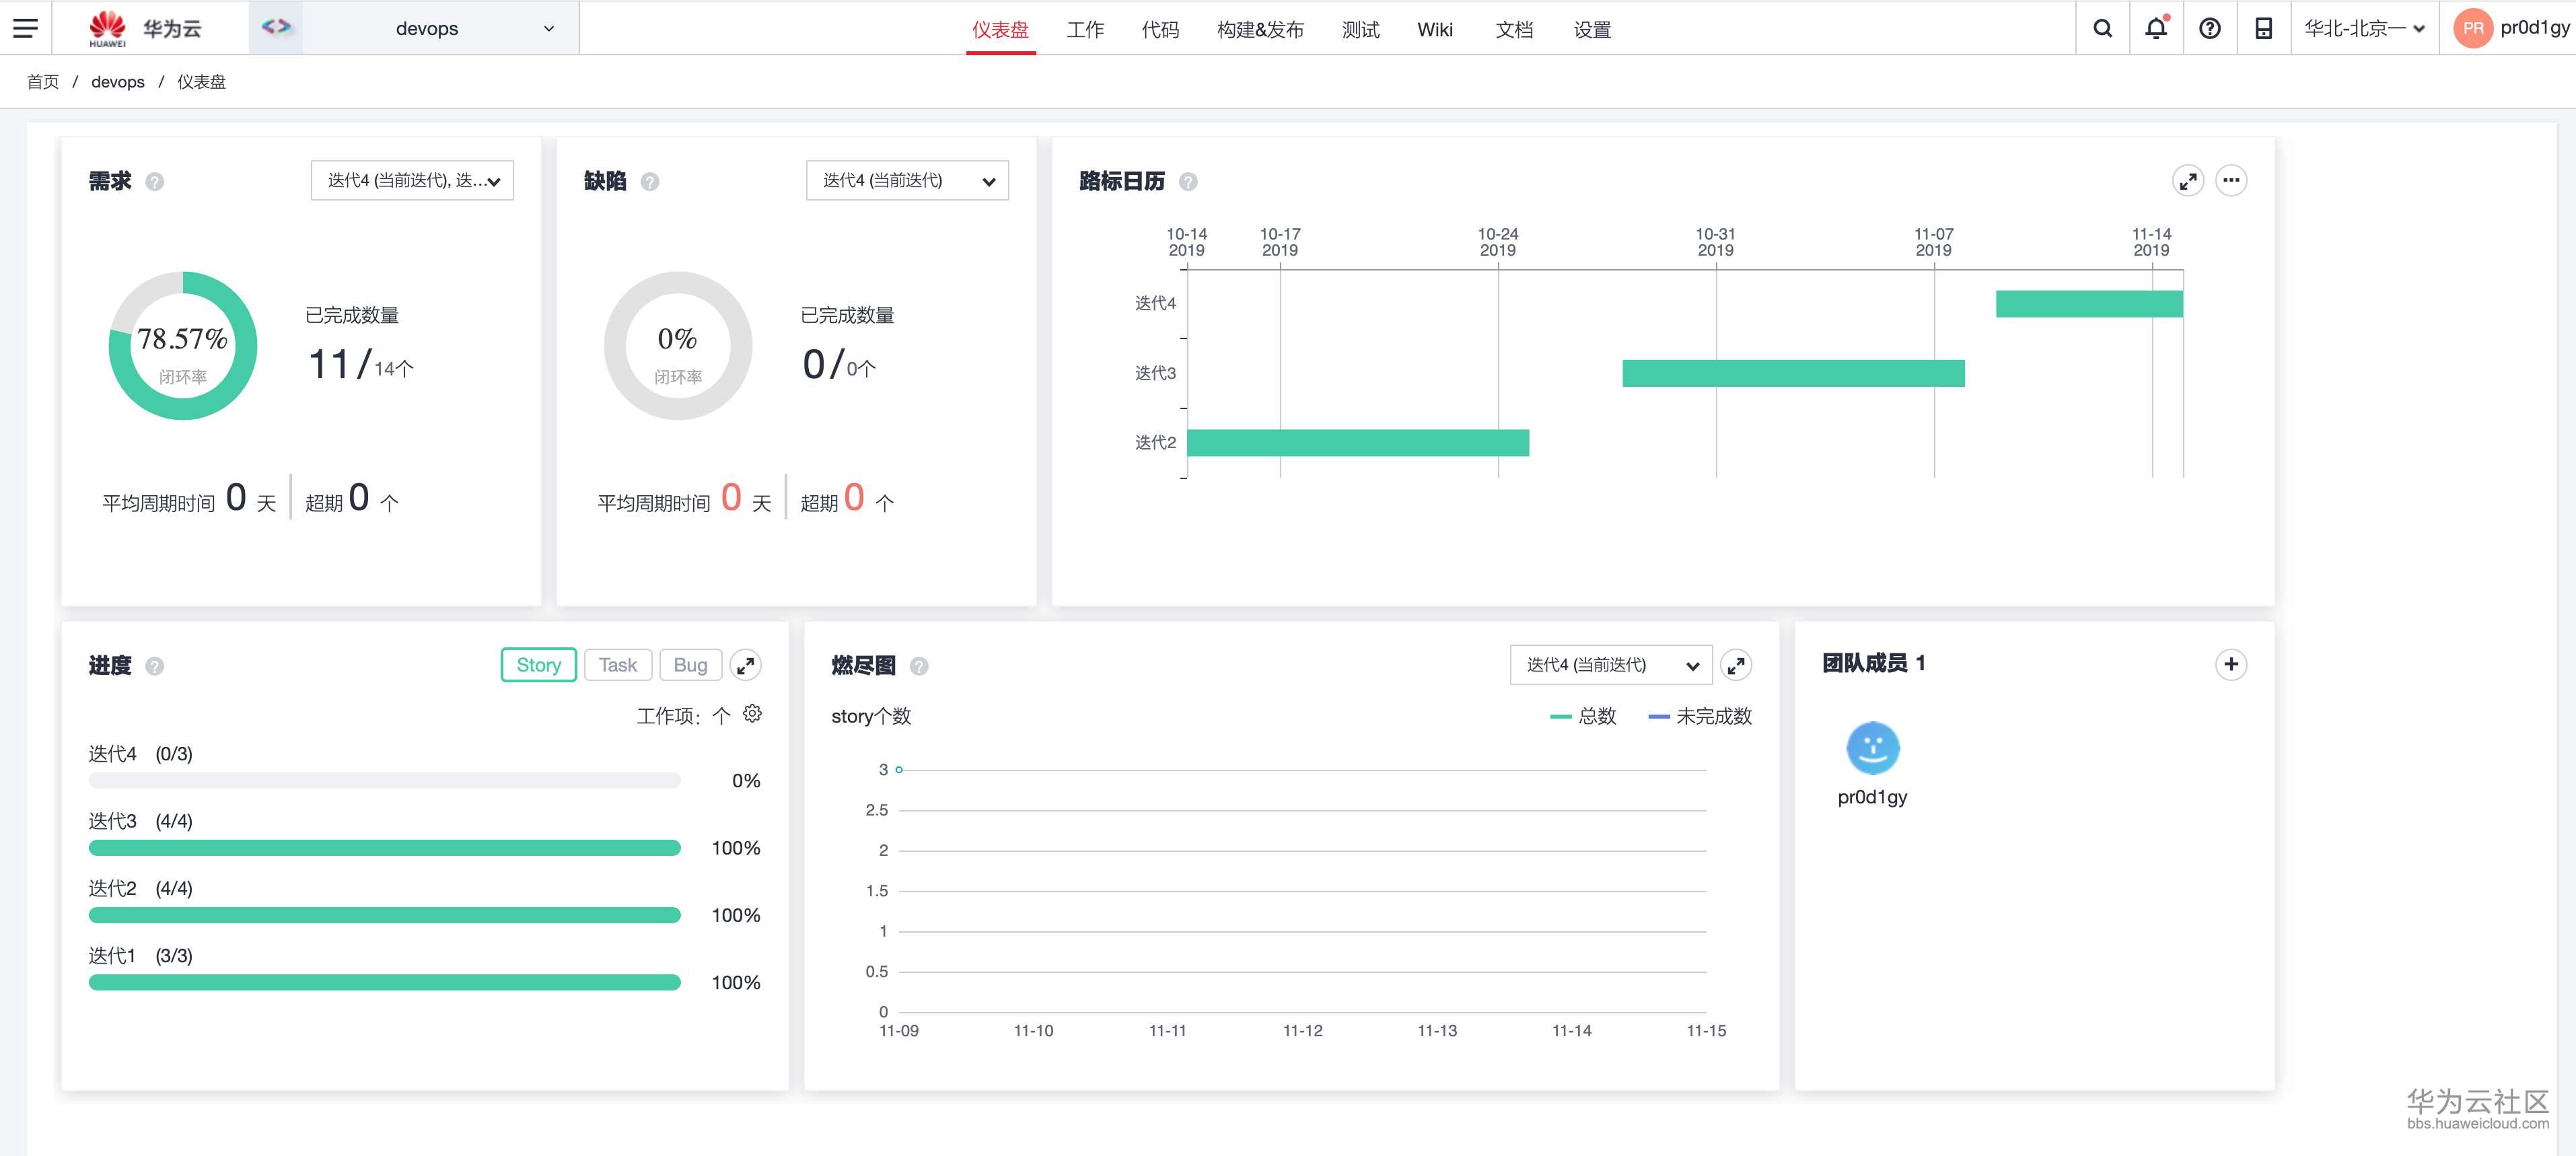 Screenshot 2019-11-11 at 10.24.43.png